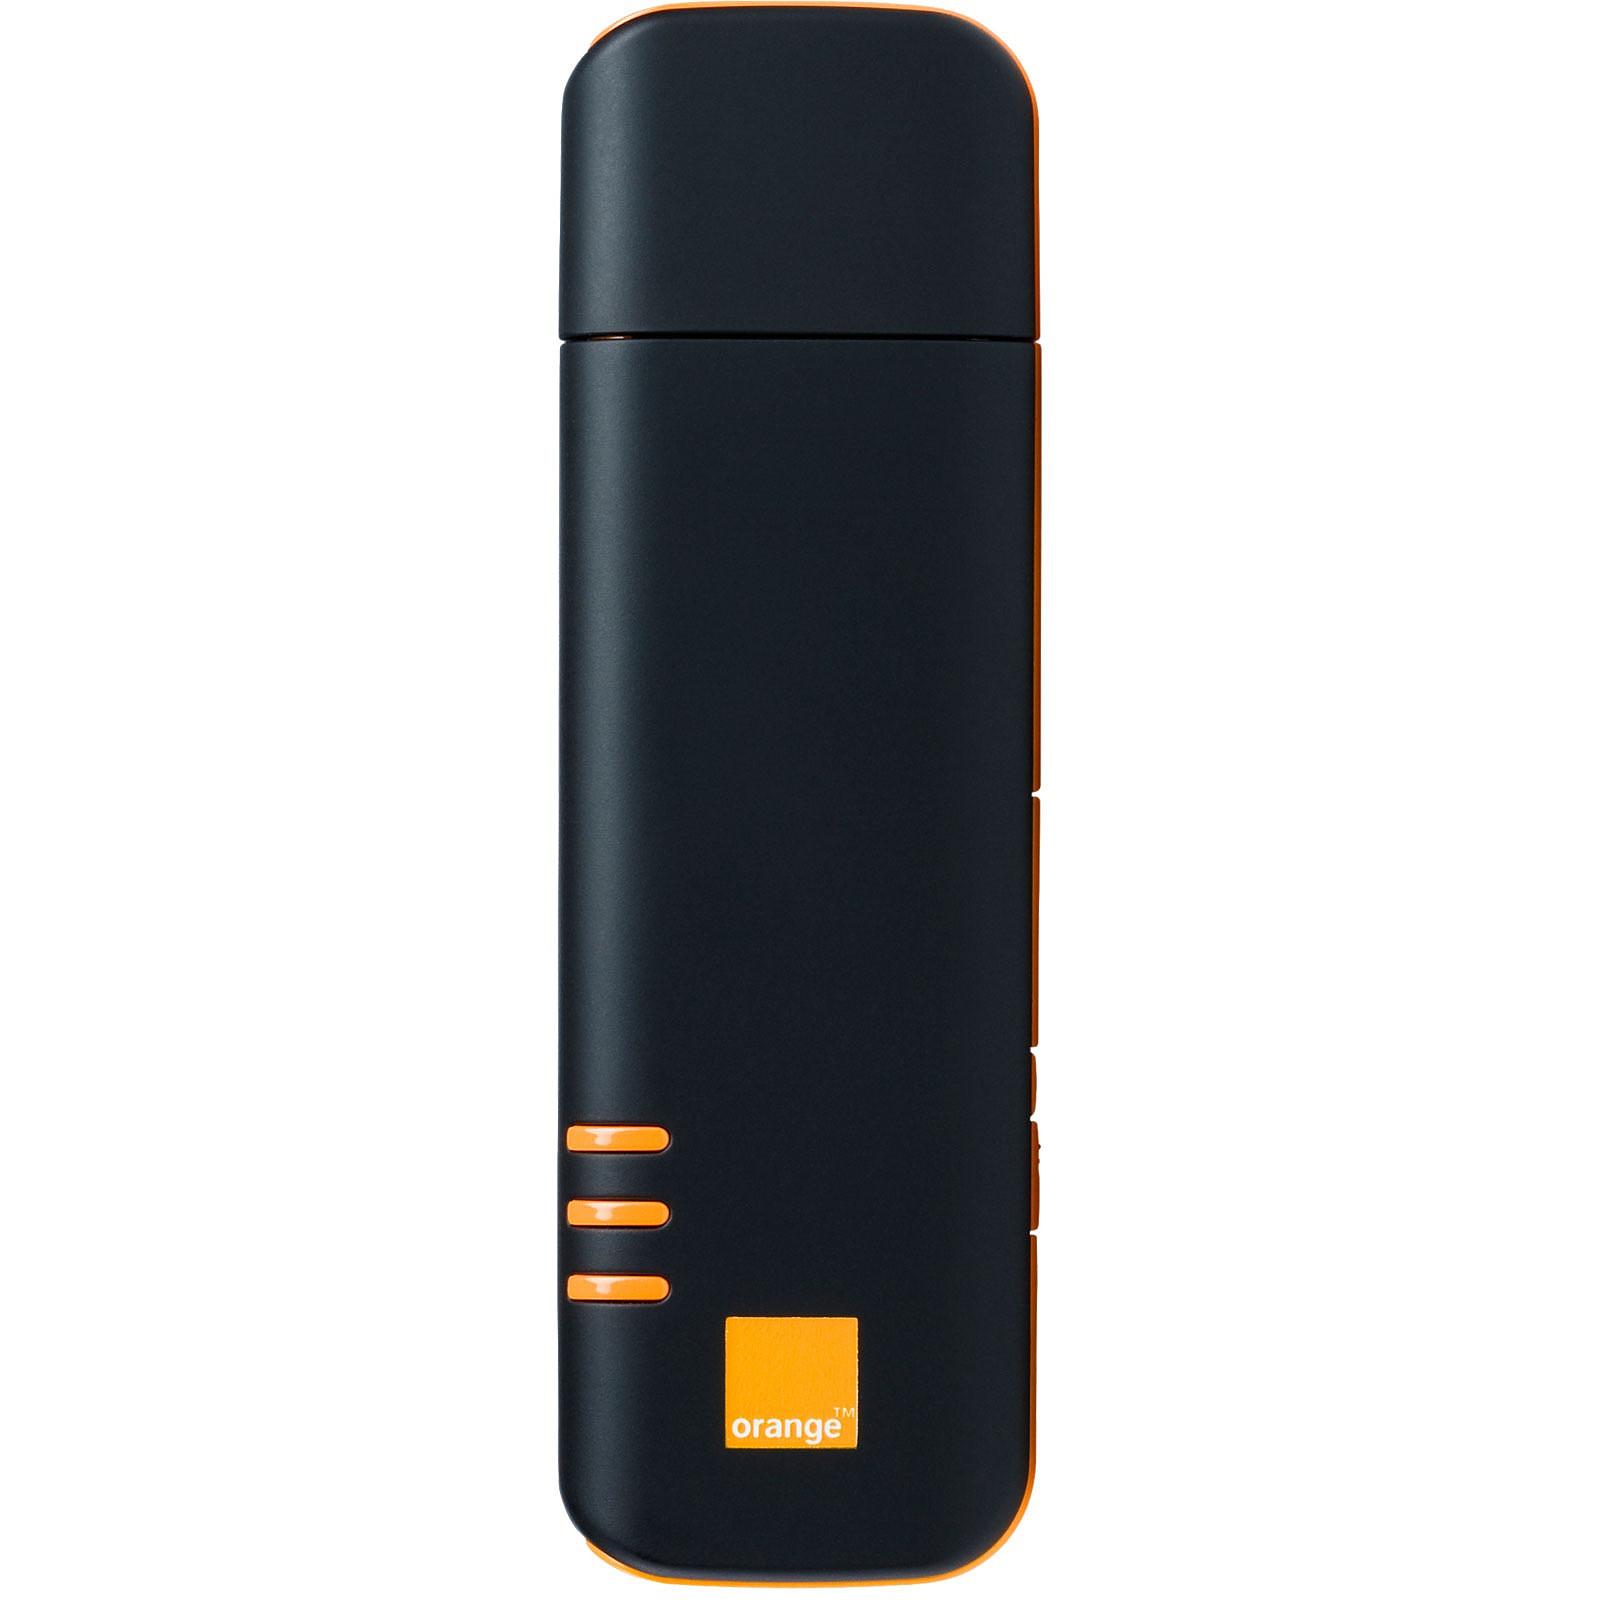 Orange Clé USB 3G+ Huawei E160